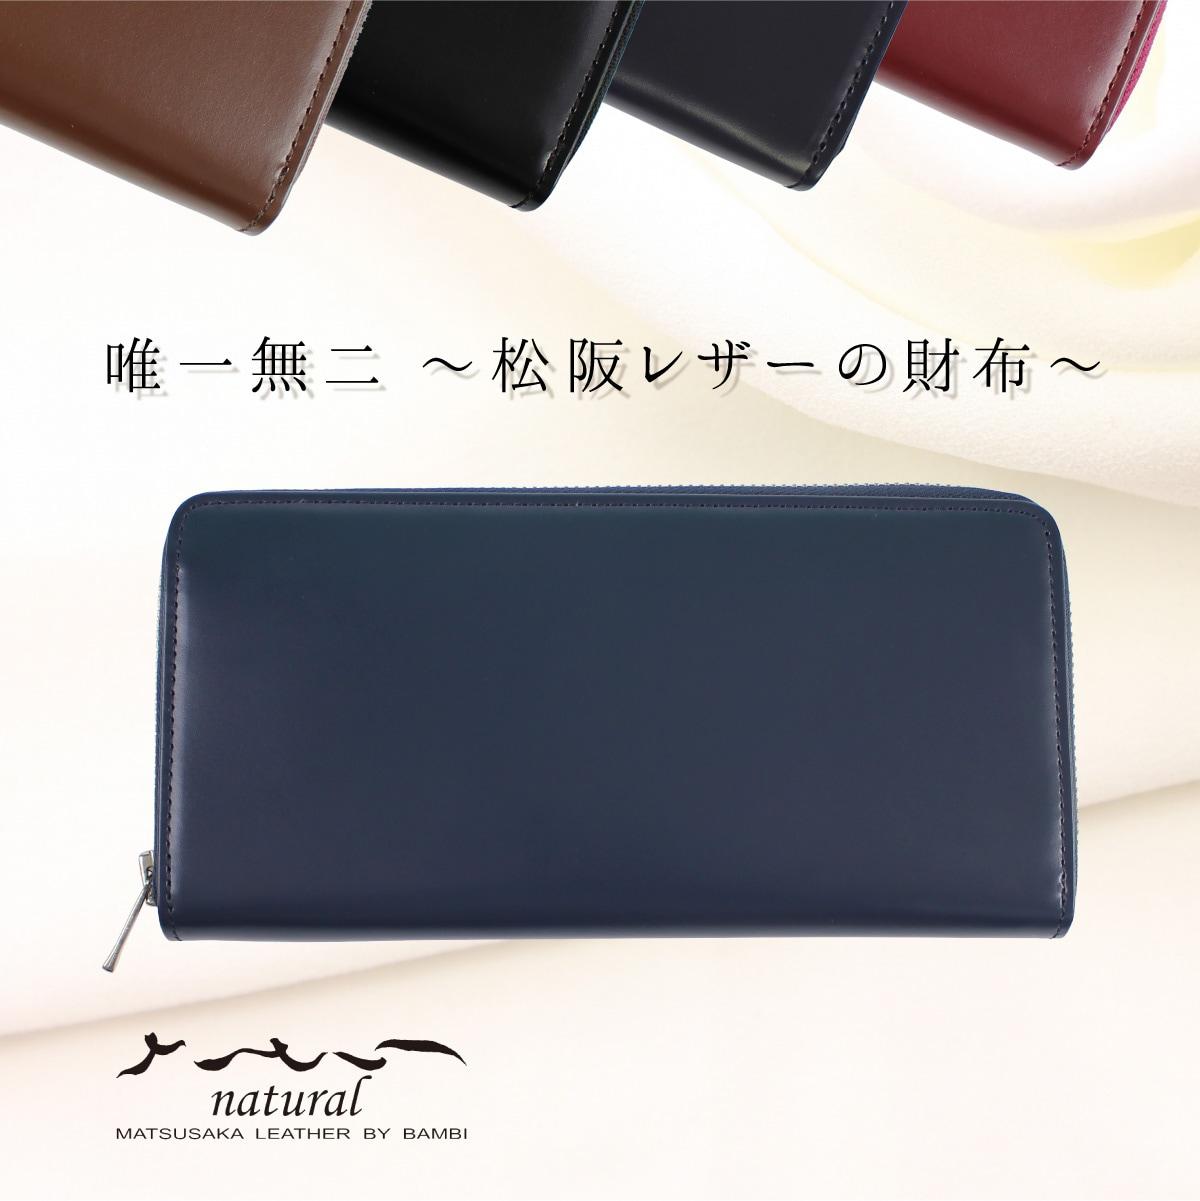 松阪レザーのプレミアム財布 さとりナチュラル ラウンドファスナー長財布 【カラー:群青】 開運グッズ